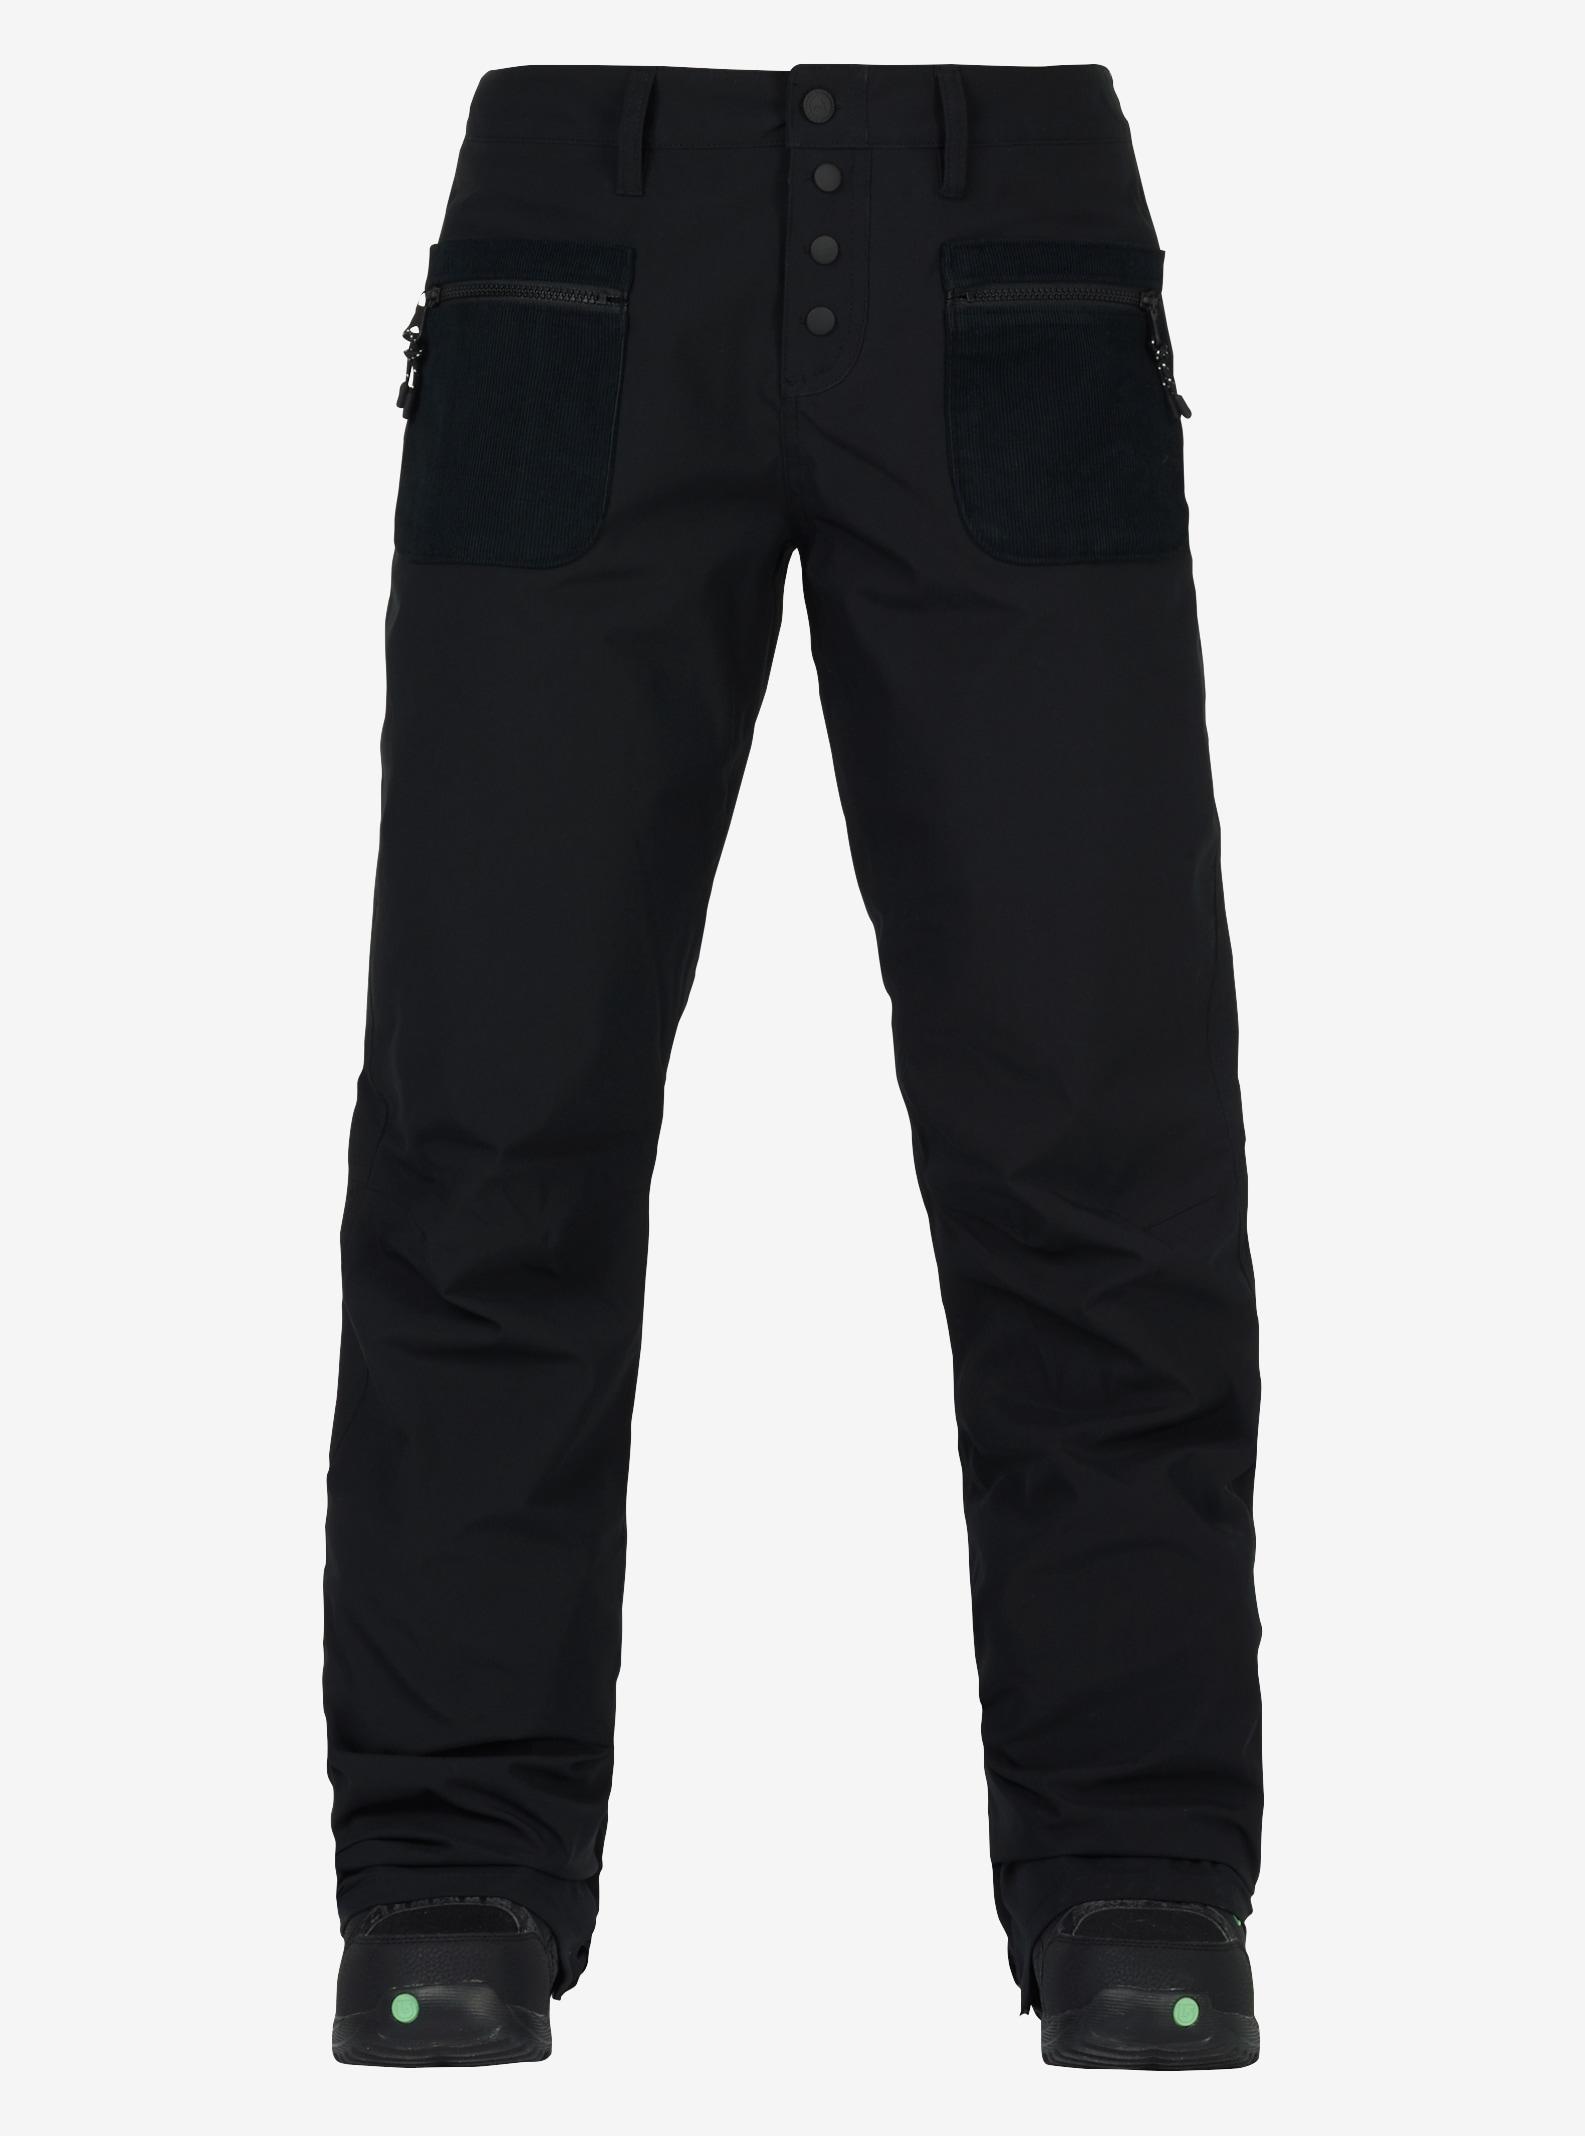 Women's Burton Twenty Ounce Pant shown in True Black